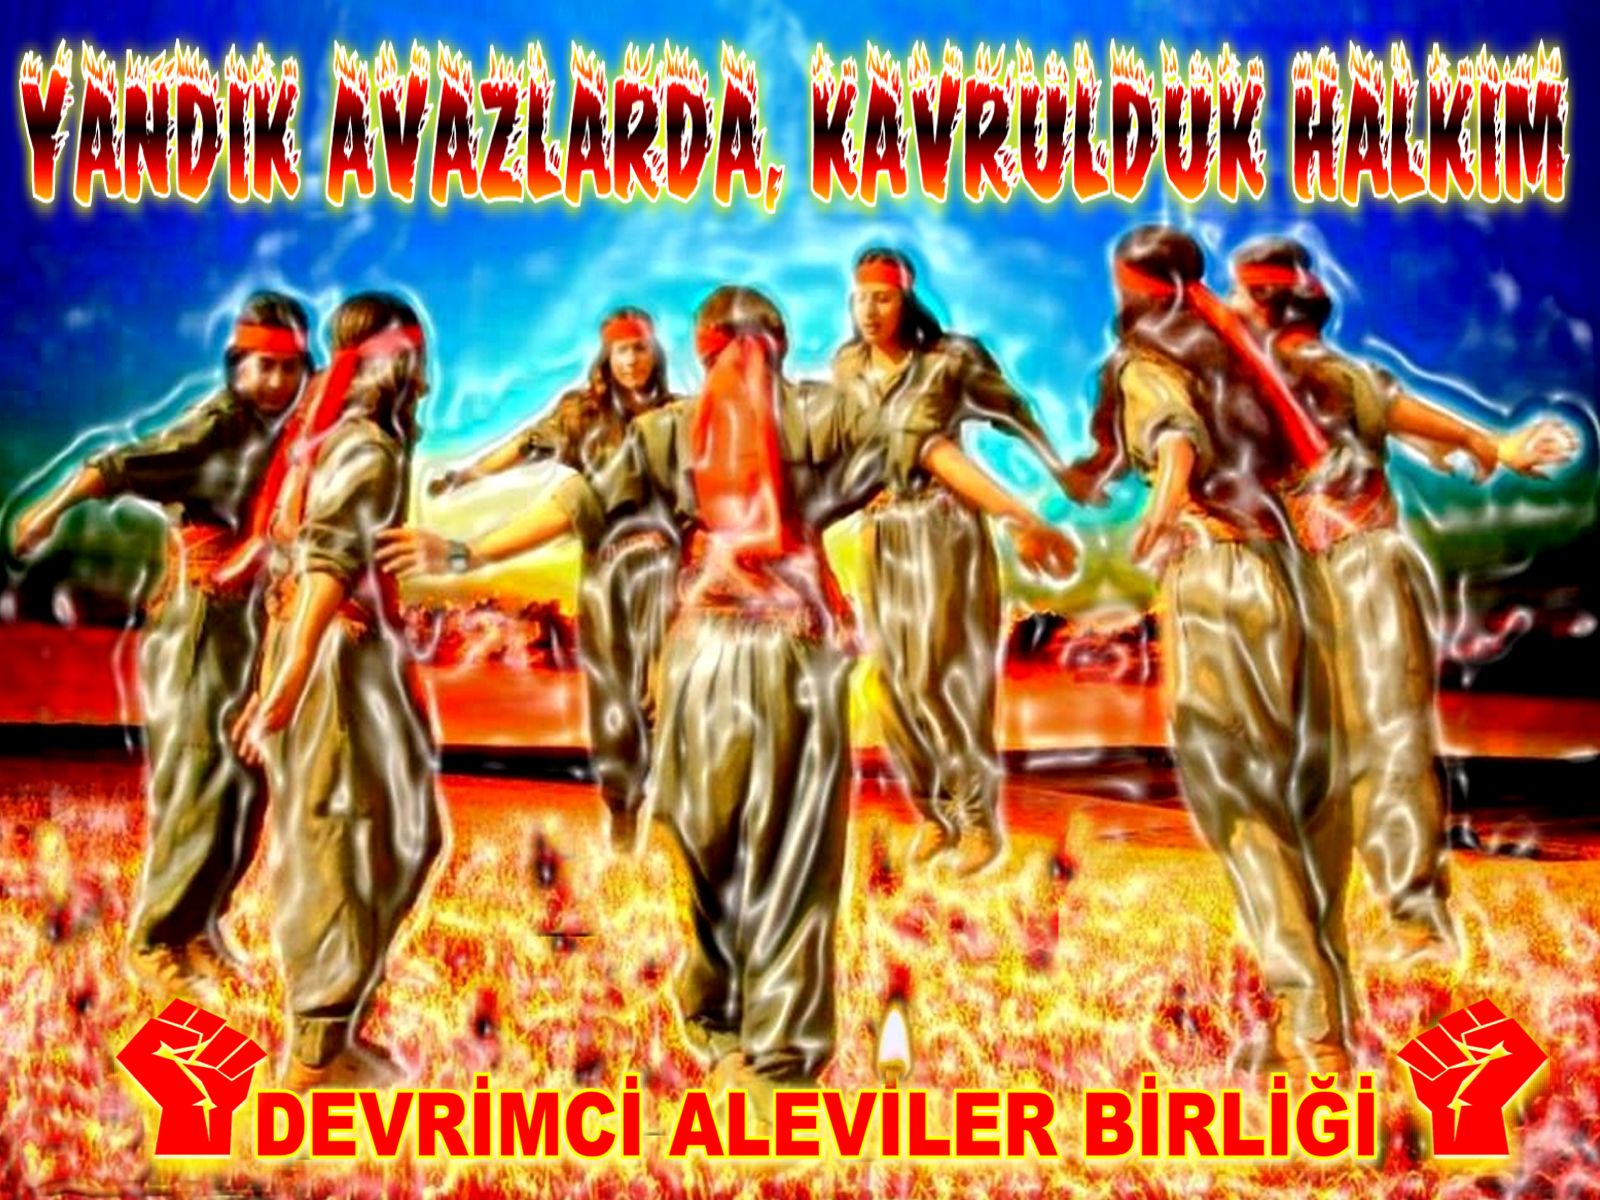 Alevi Bektaşi Kızılbaş Pir Sultan Devrimci Aleviler Birliği DAB ateste semaha duranlar